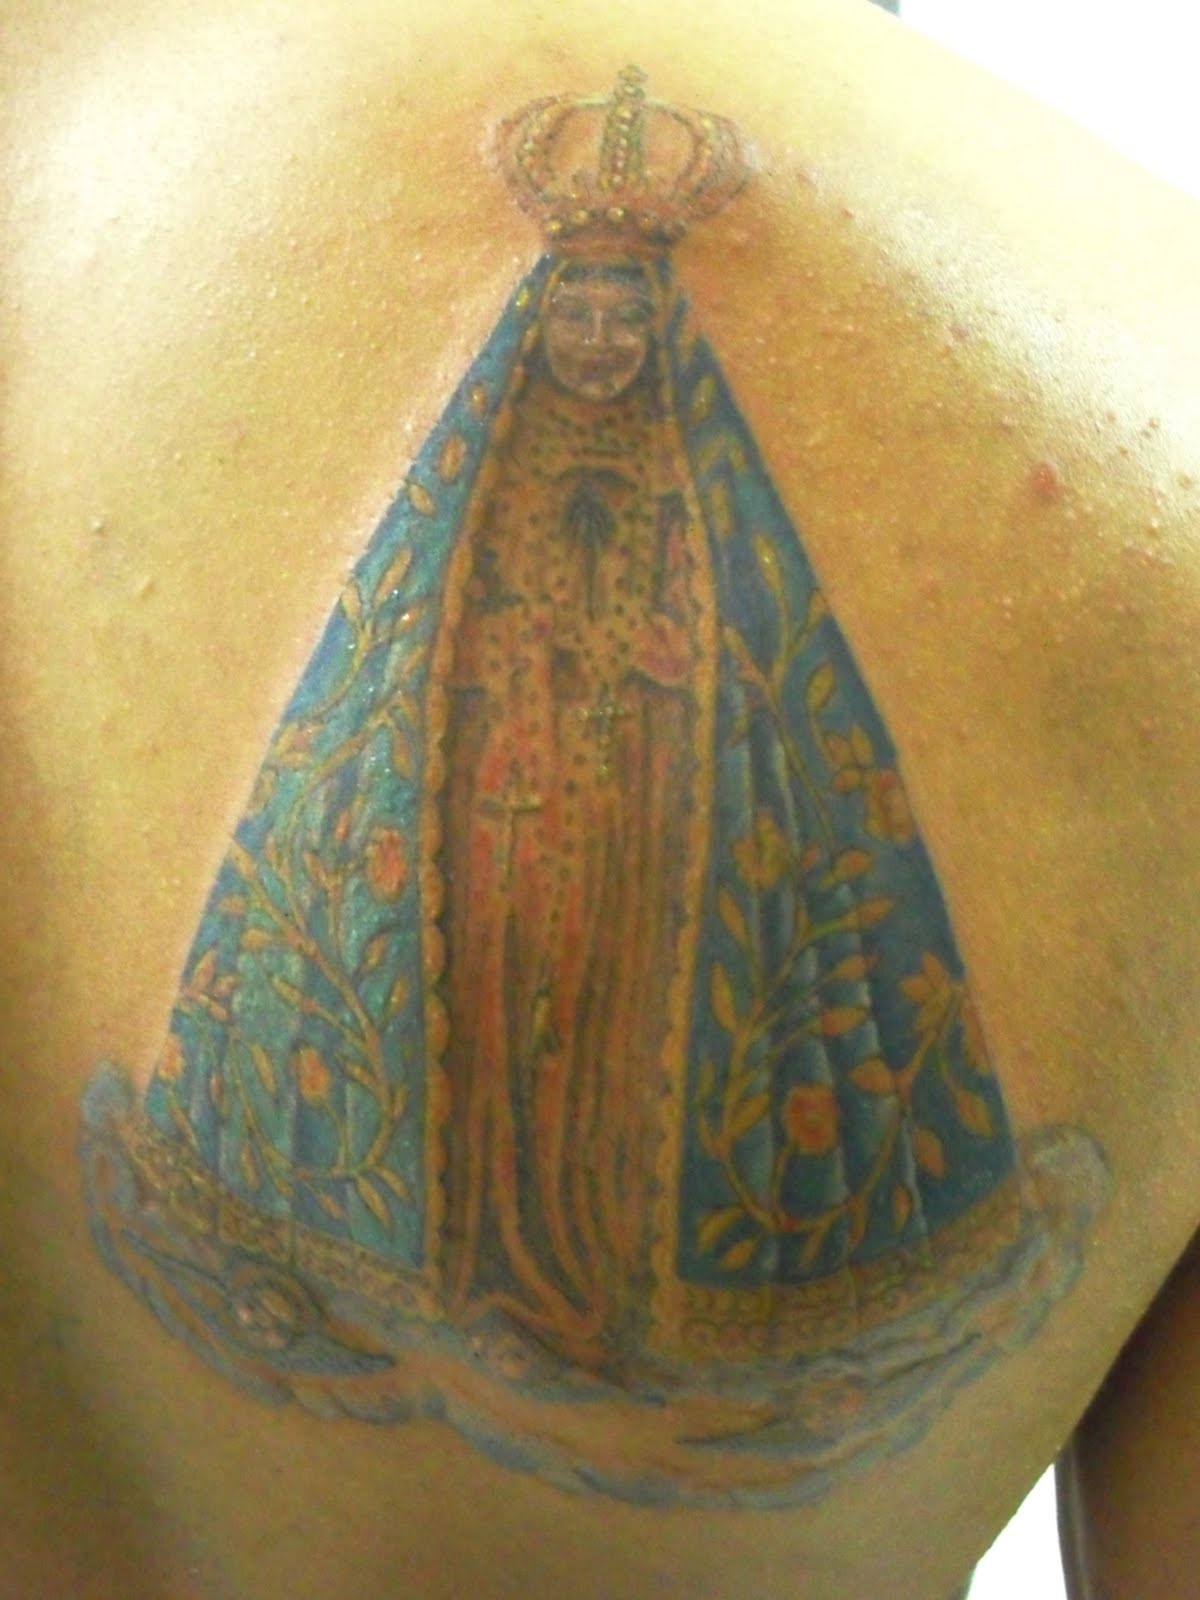 http://4.bp.blogspot.com/-c8eC5OZmwXU/Tg8sd38rkAI/AAAAAAAAA6M/wjQk91U_4Ng/s1600/PublAdimilson1.jpg